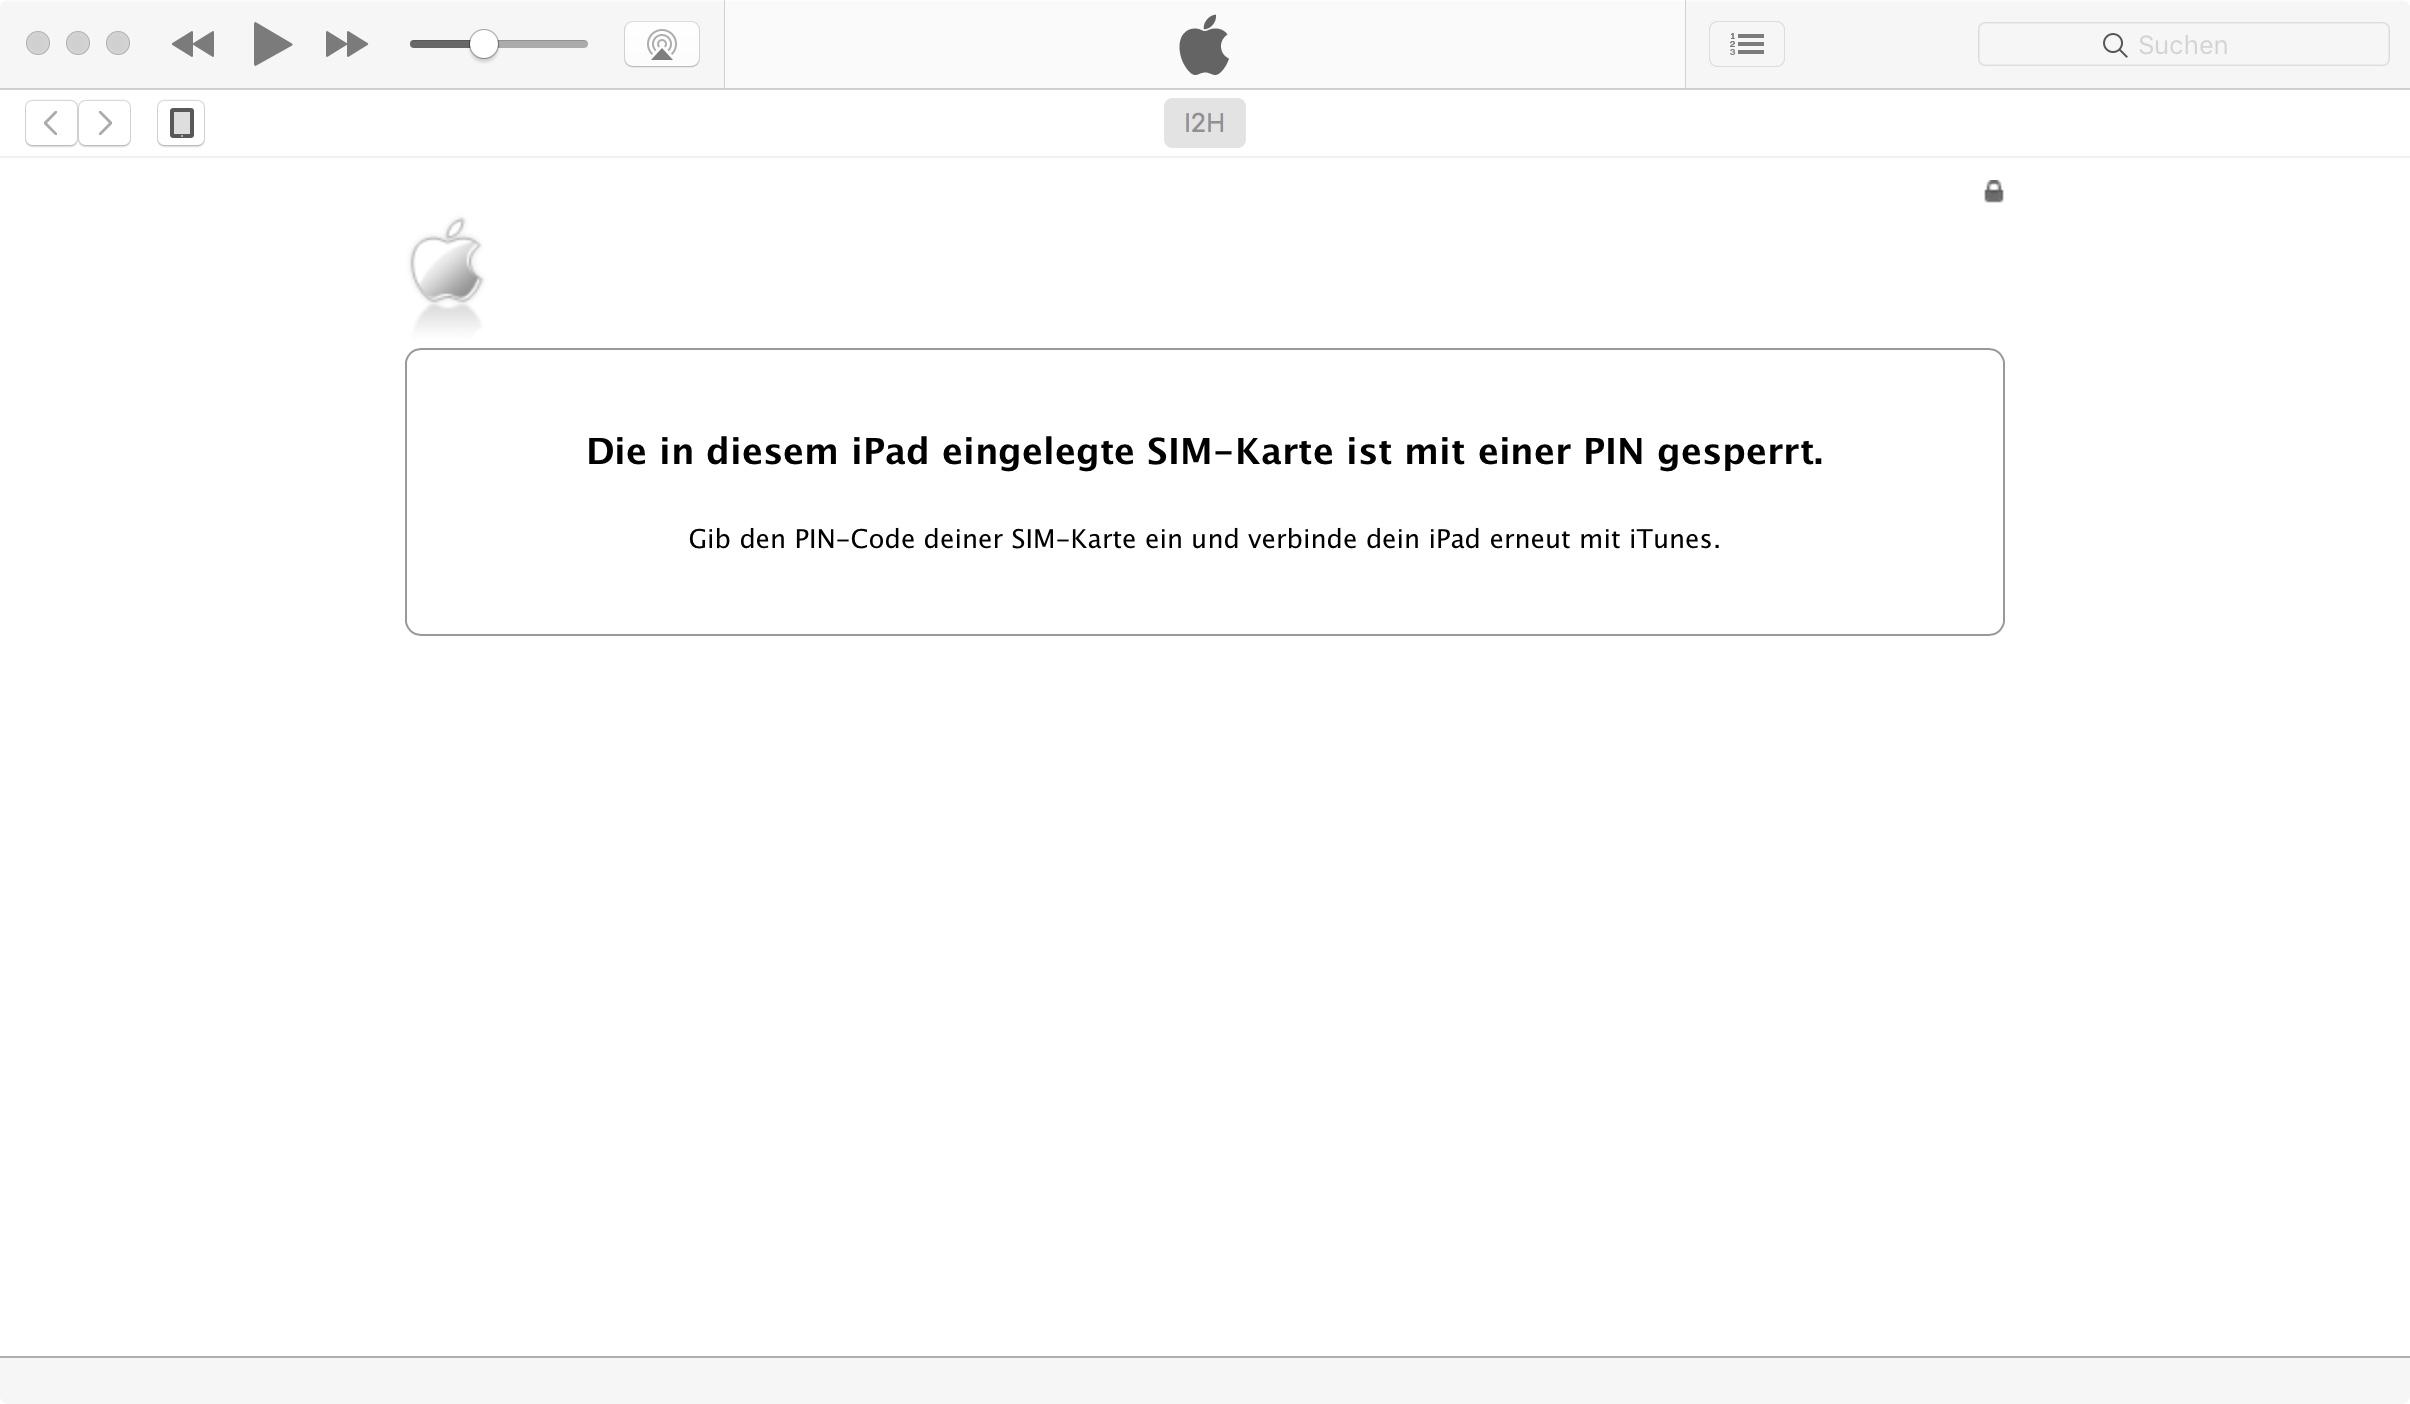 Sim Karte Entsperren Ipad.Aktivierung Fehlgeschlagen Apple Community